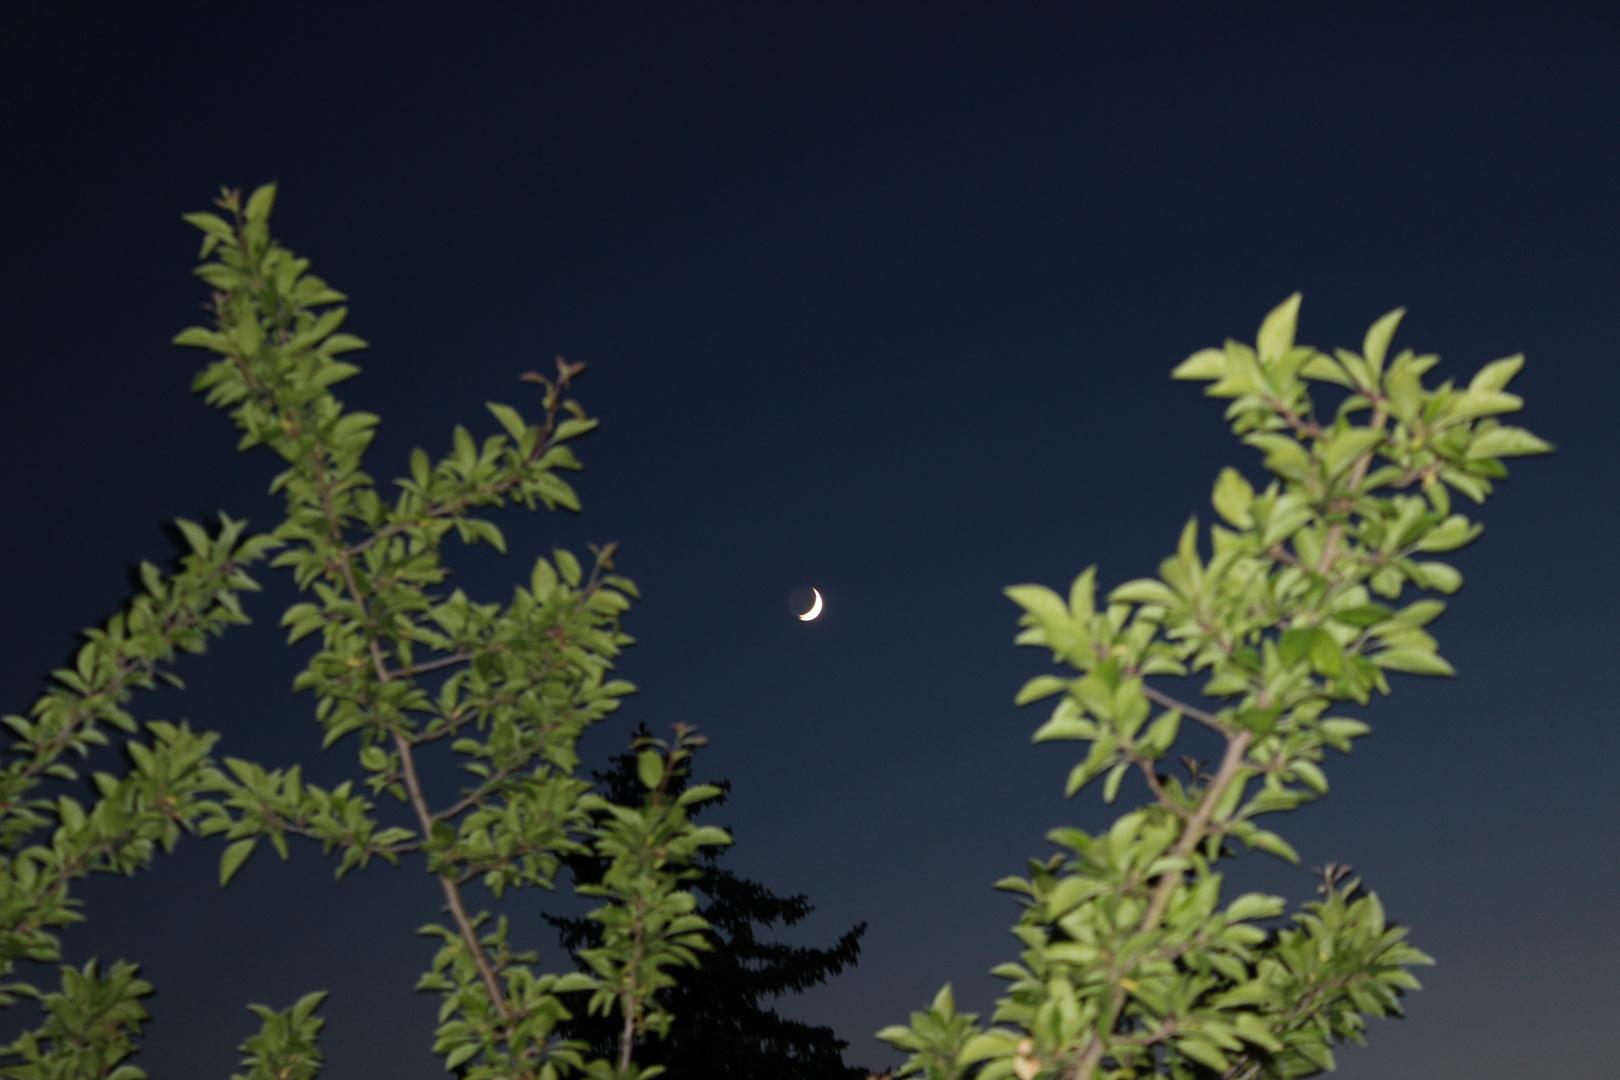 Der zunehmende Mond am Abendhimmel ...